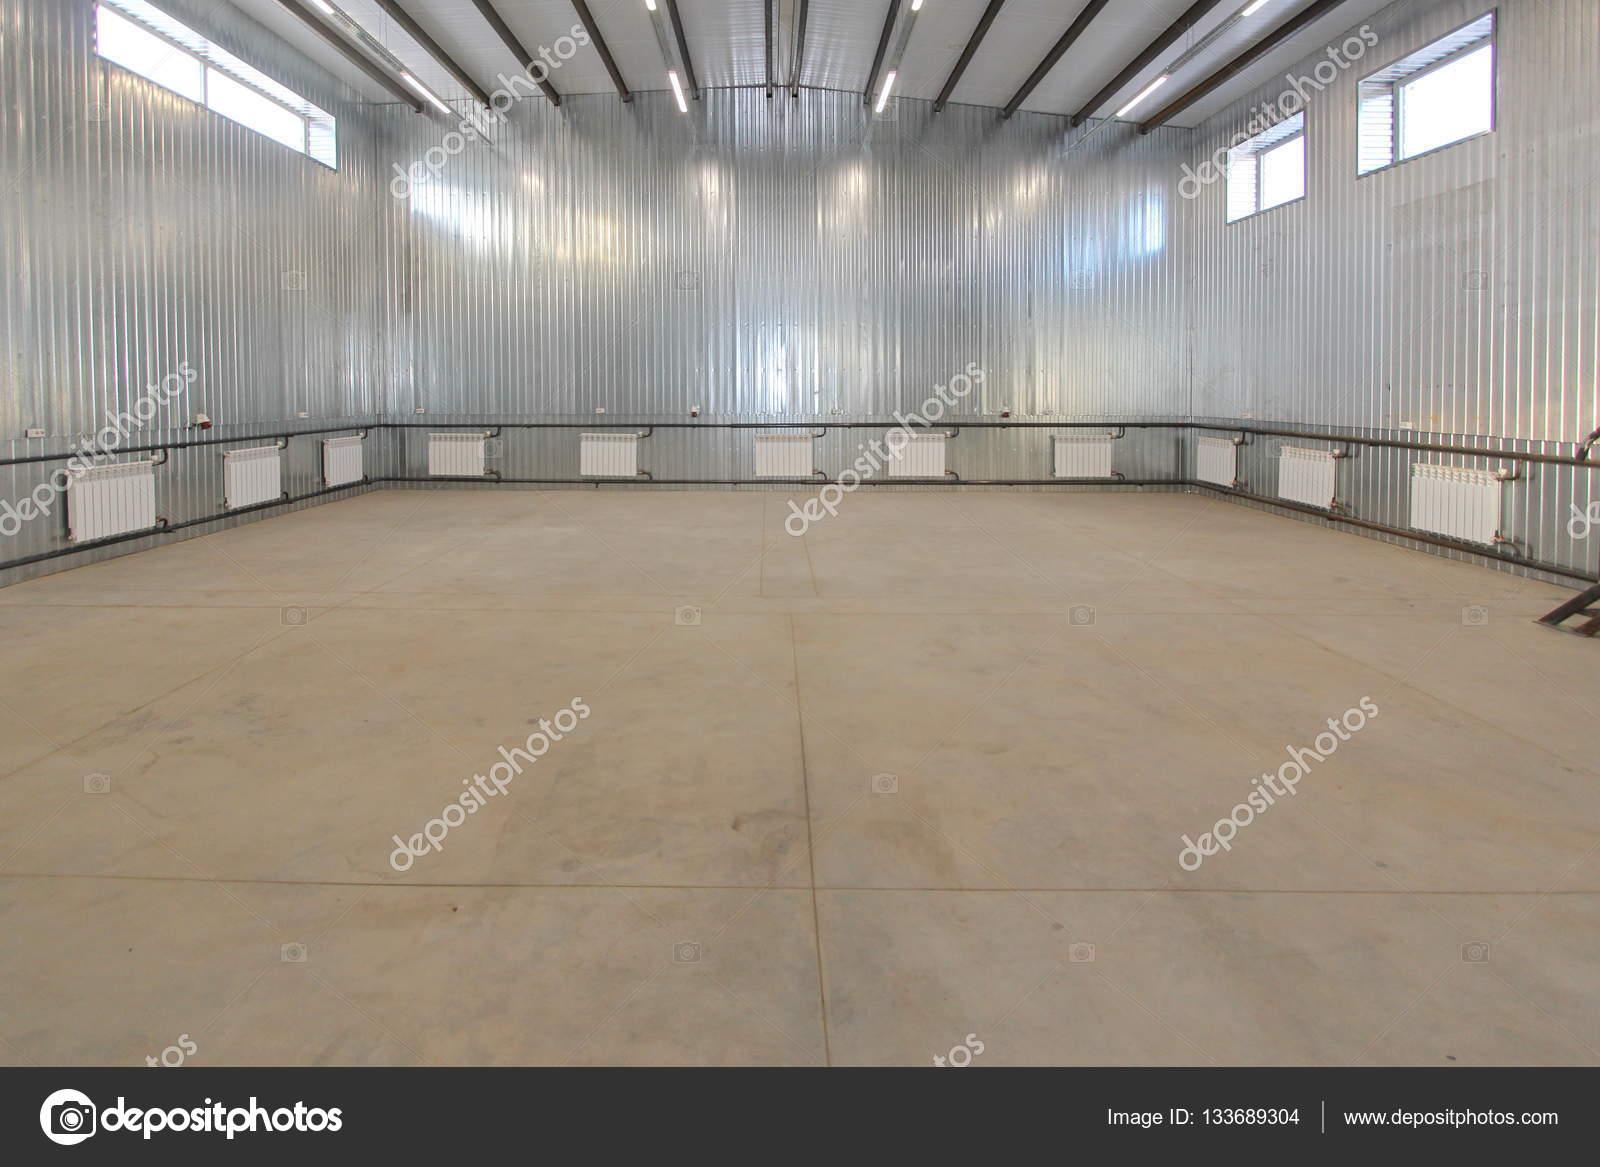 Leeren parkhaus lager interieur mit großen weißen toren und